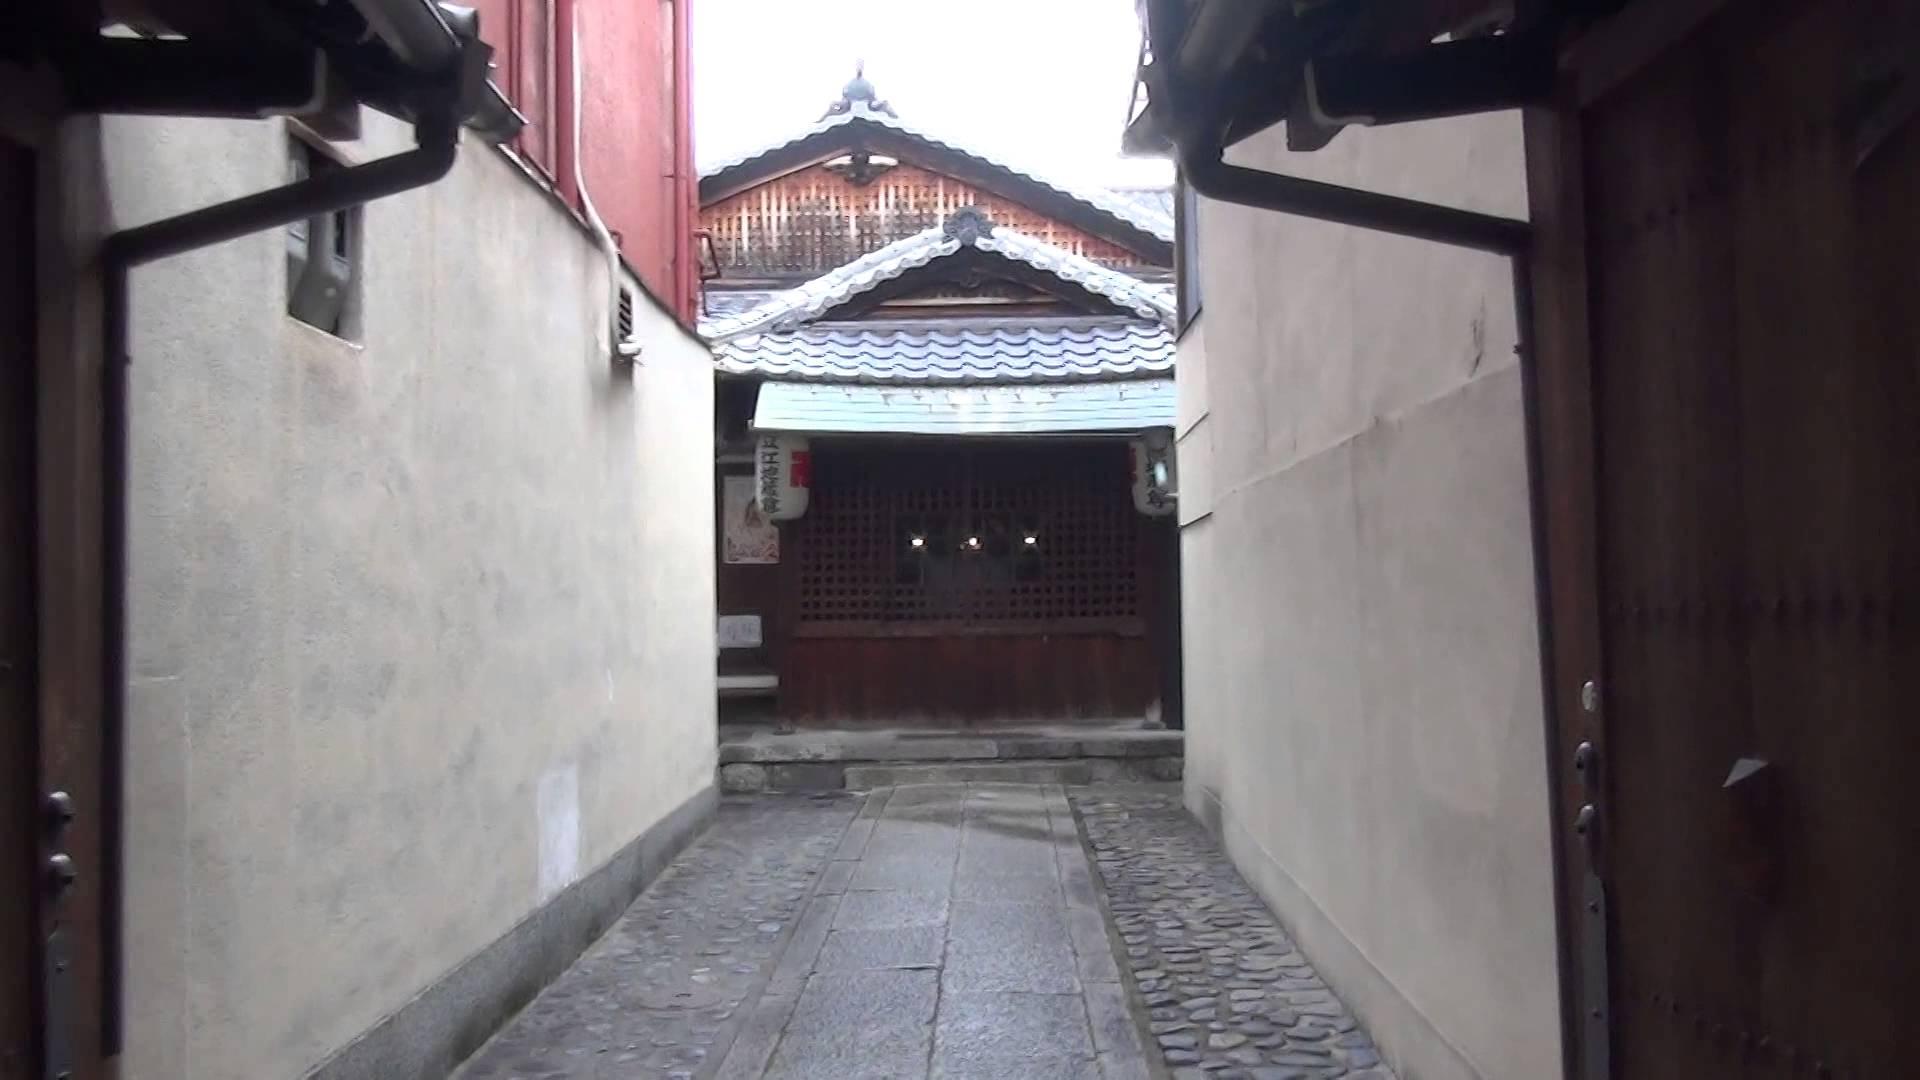 新京極商店街の神社仏閣を全部まわろう編03 善長寺